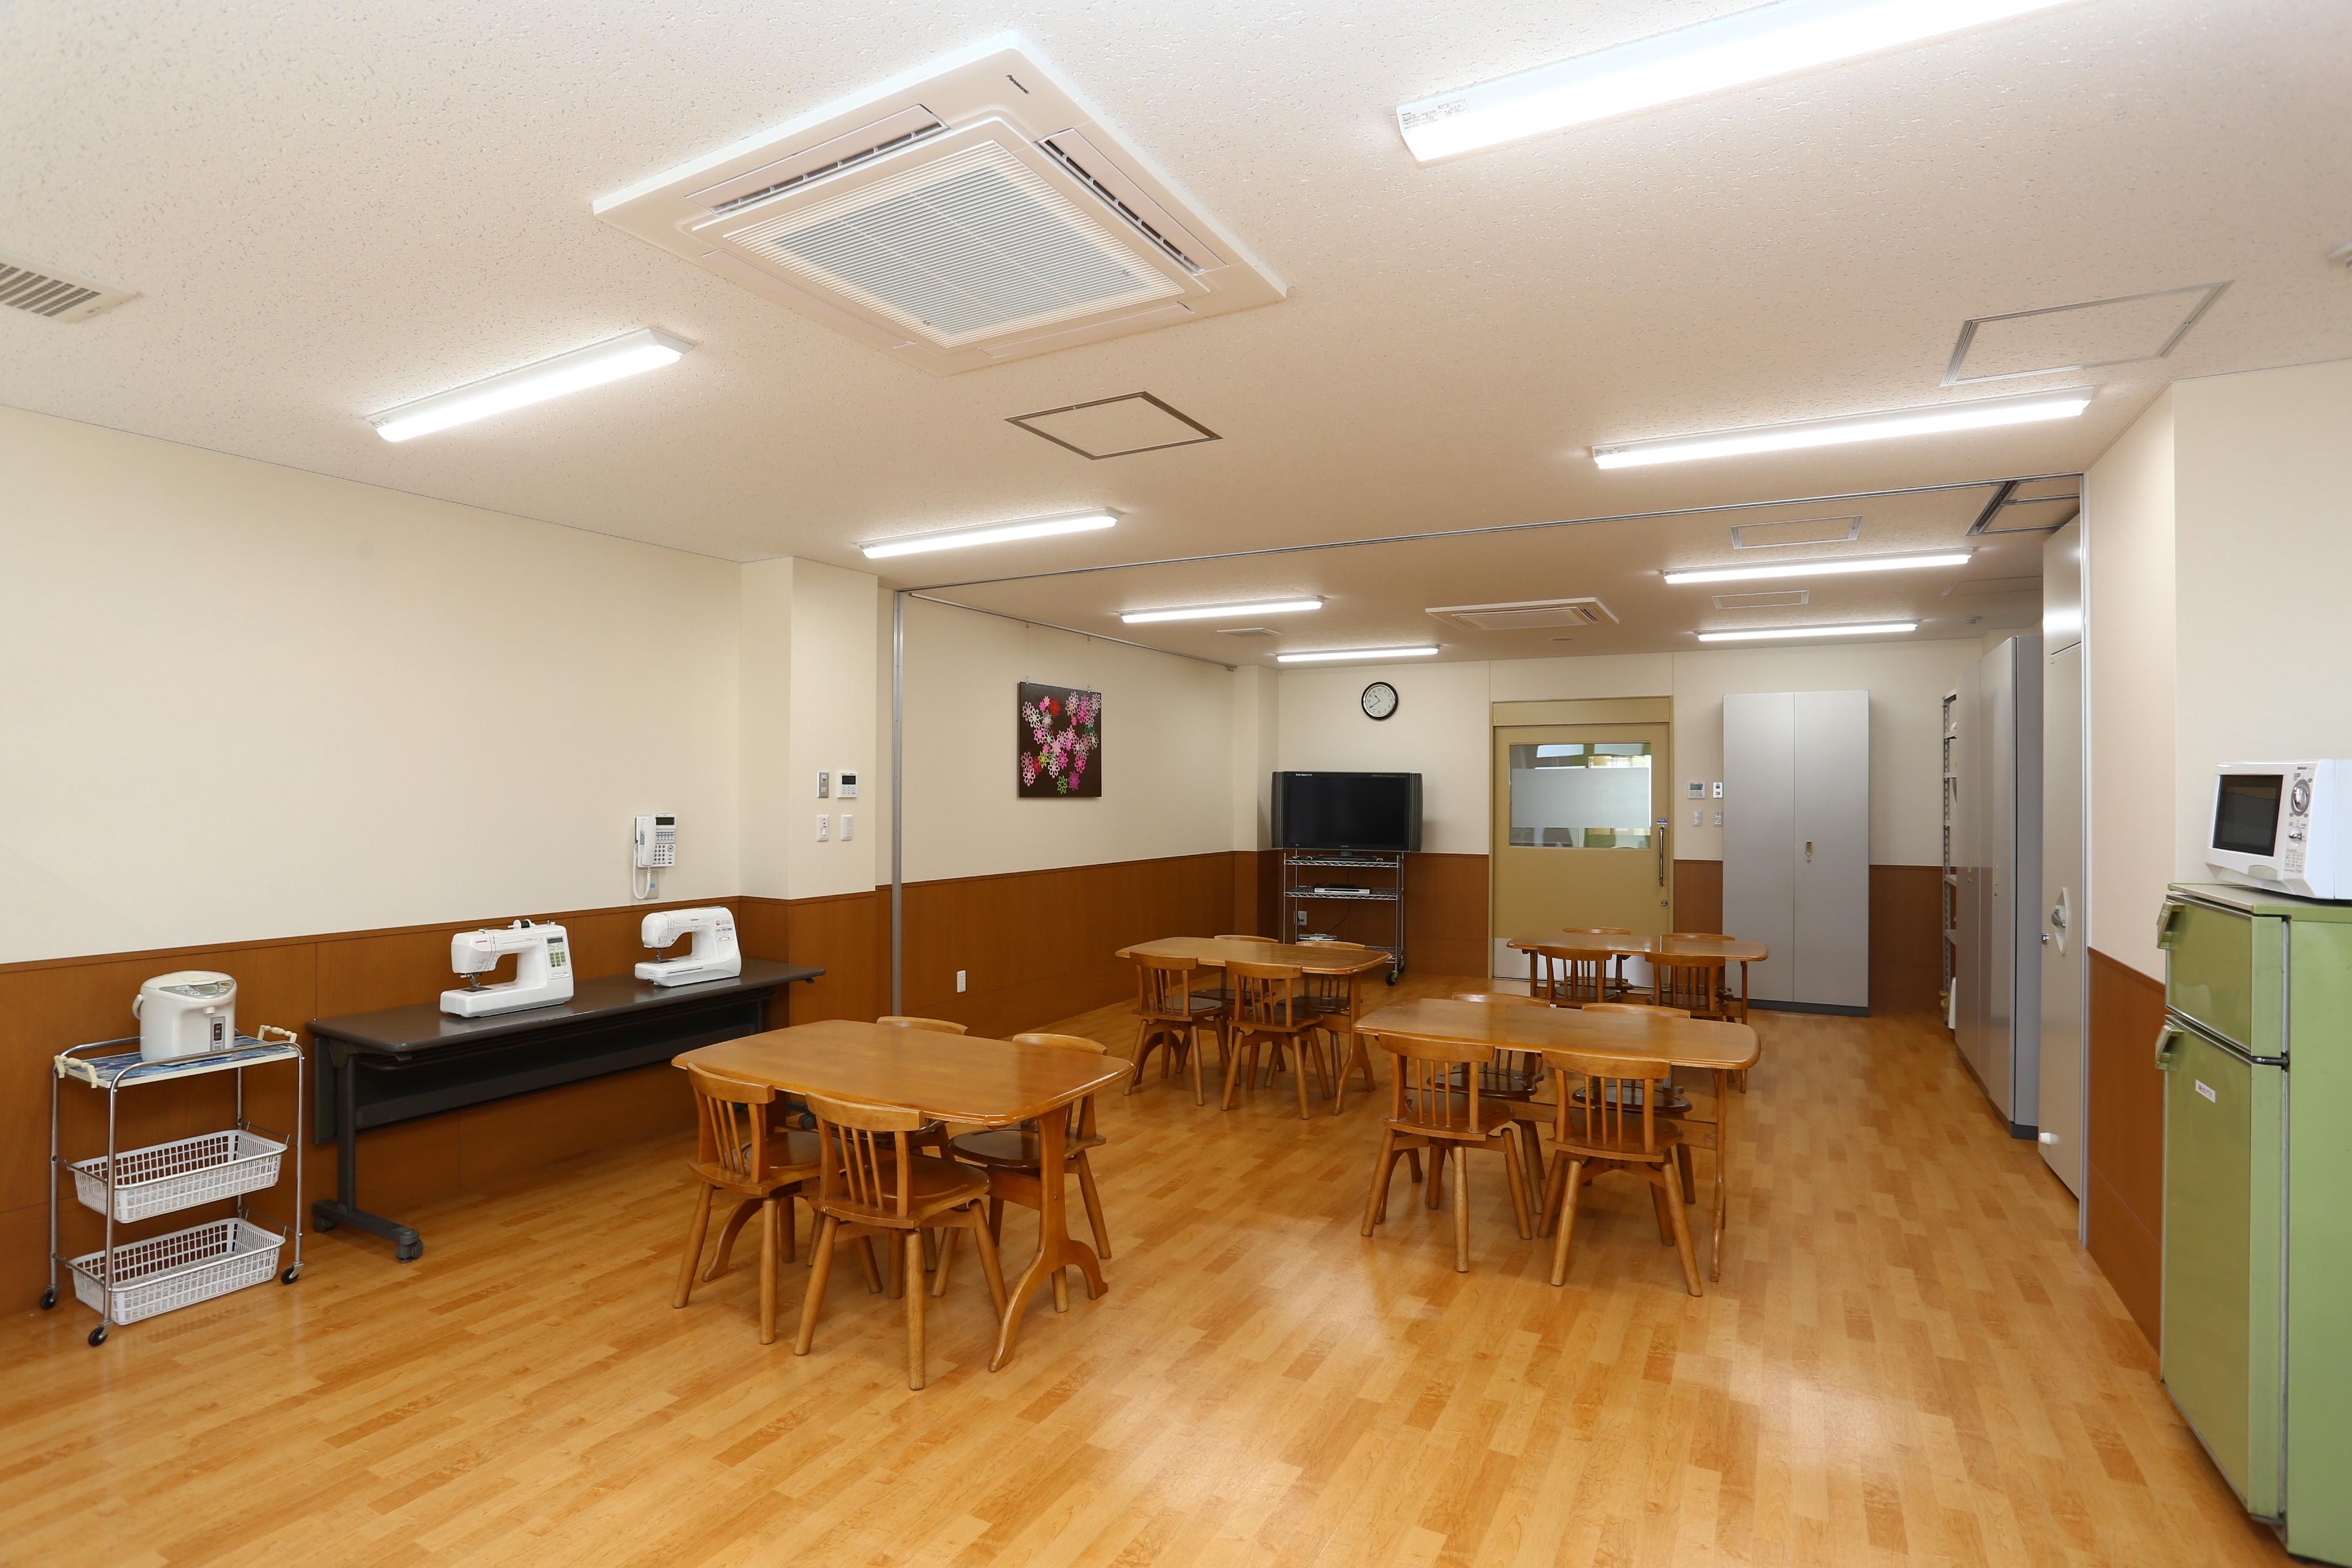 日勤のみ、夜勤専従の勤務も可能です!週3日からお仕事出来ますよ!|静岡県焼津市 イメージ